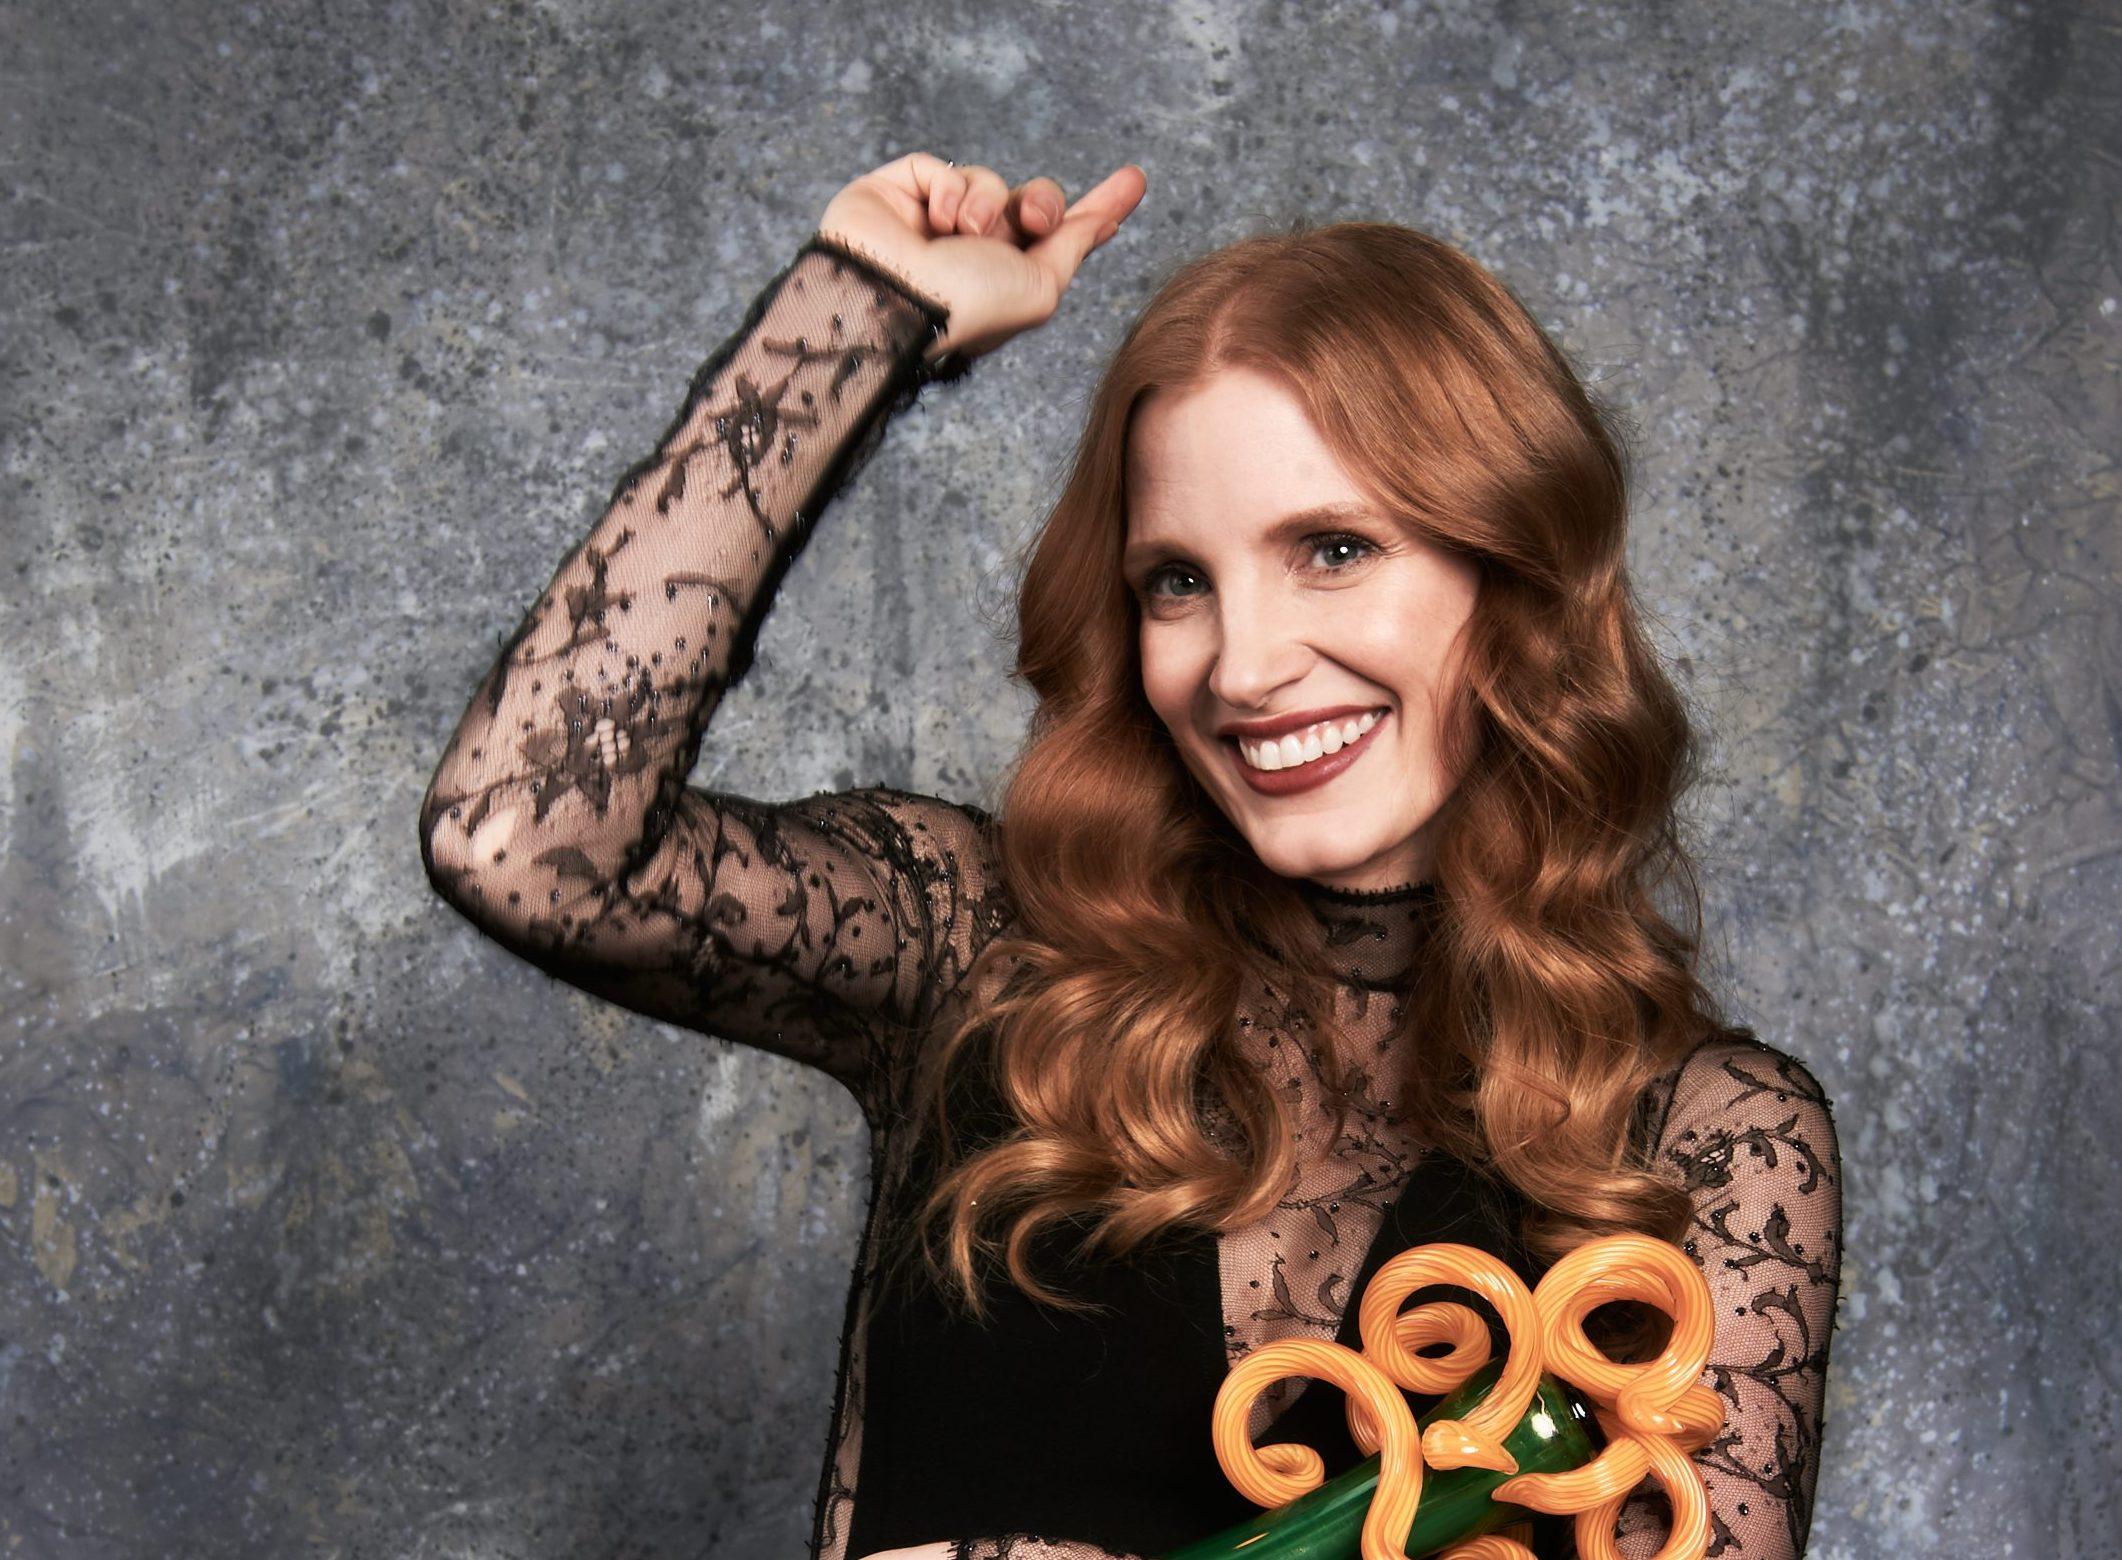 Jessica comparece ao Palm Springs Film Festival Opening Gala